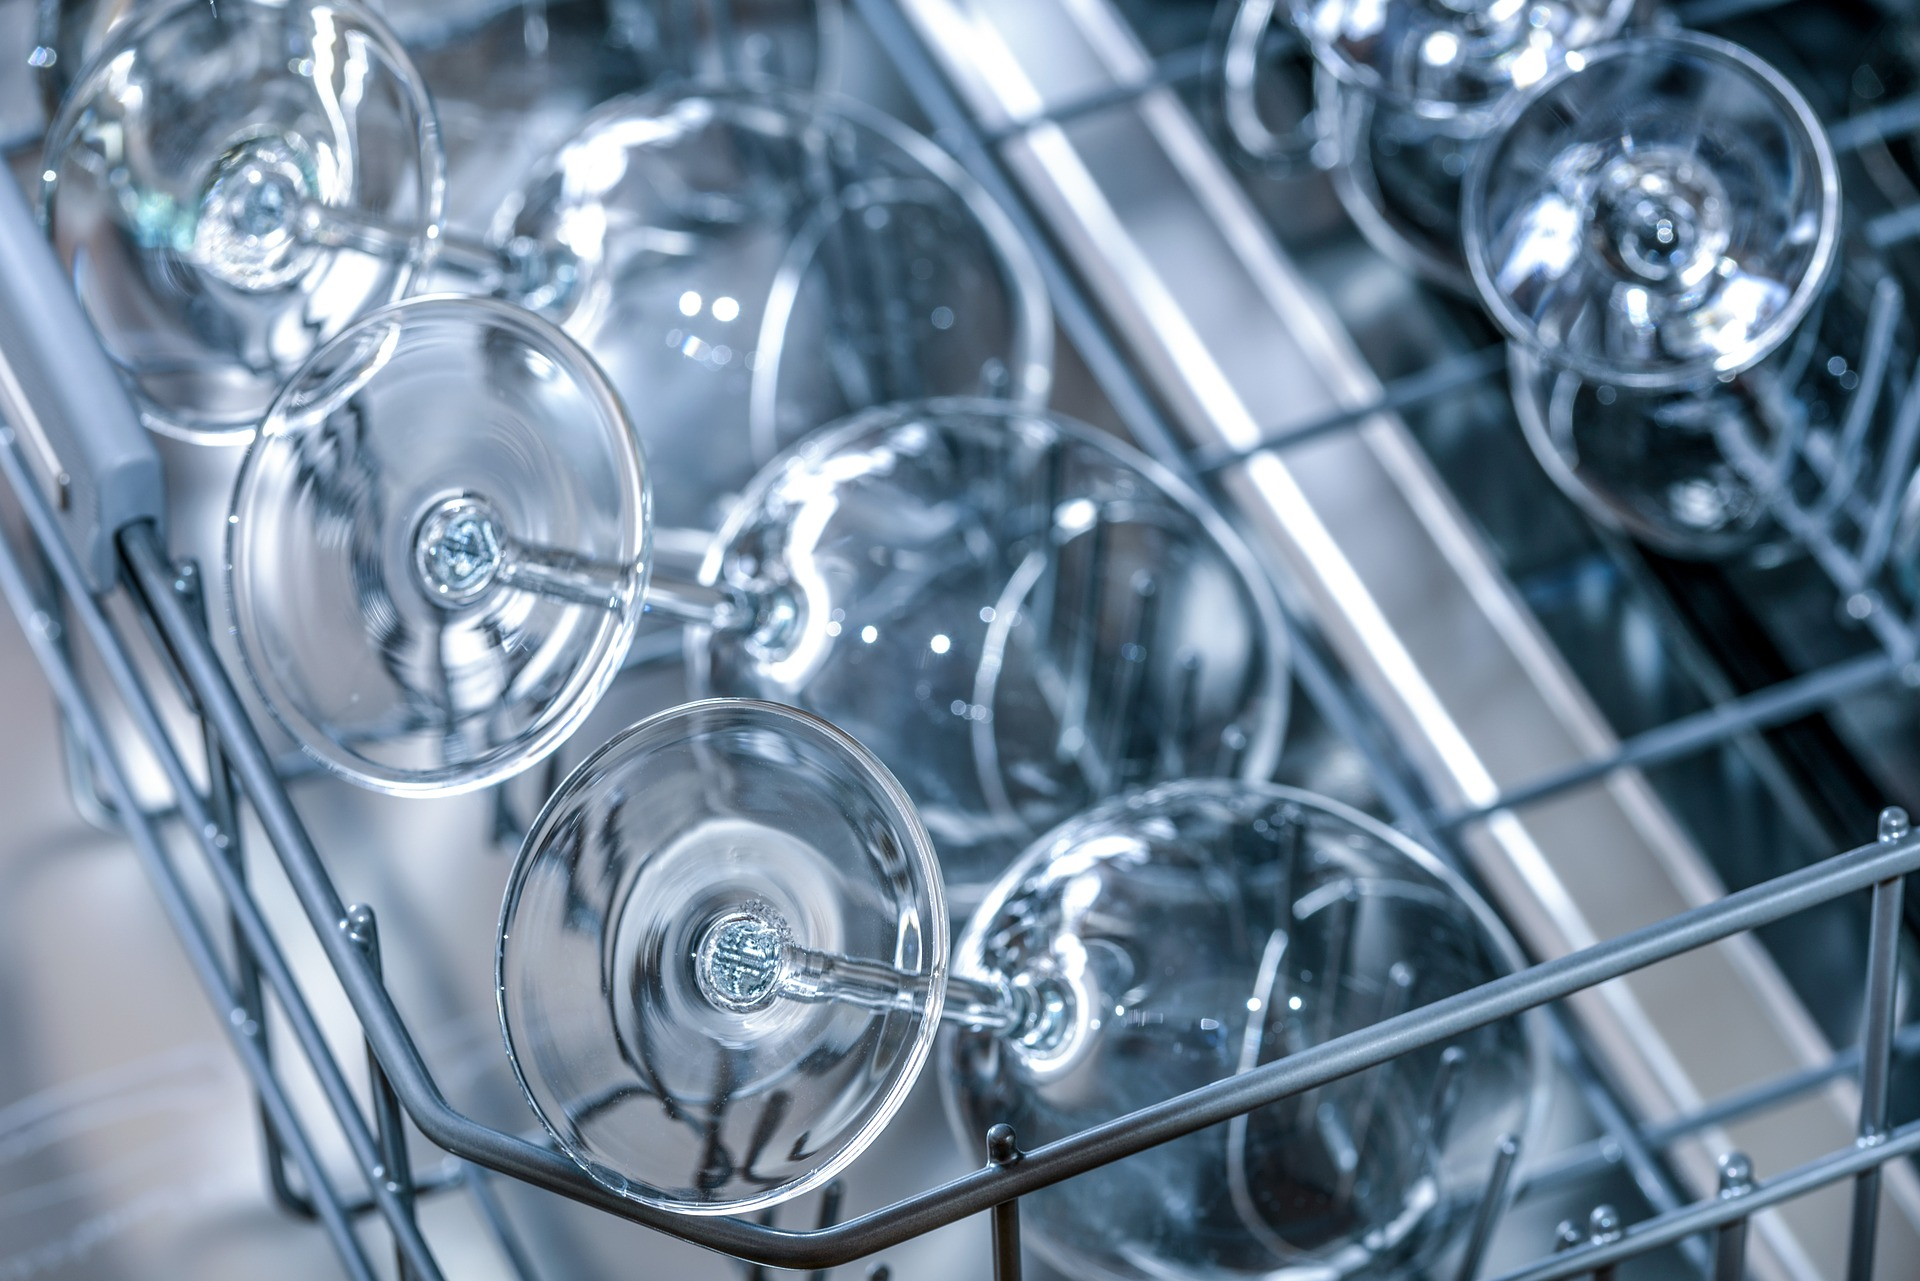 Alcuni consigli pratici su come pulire la lavastoviglie